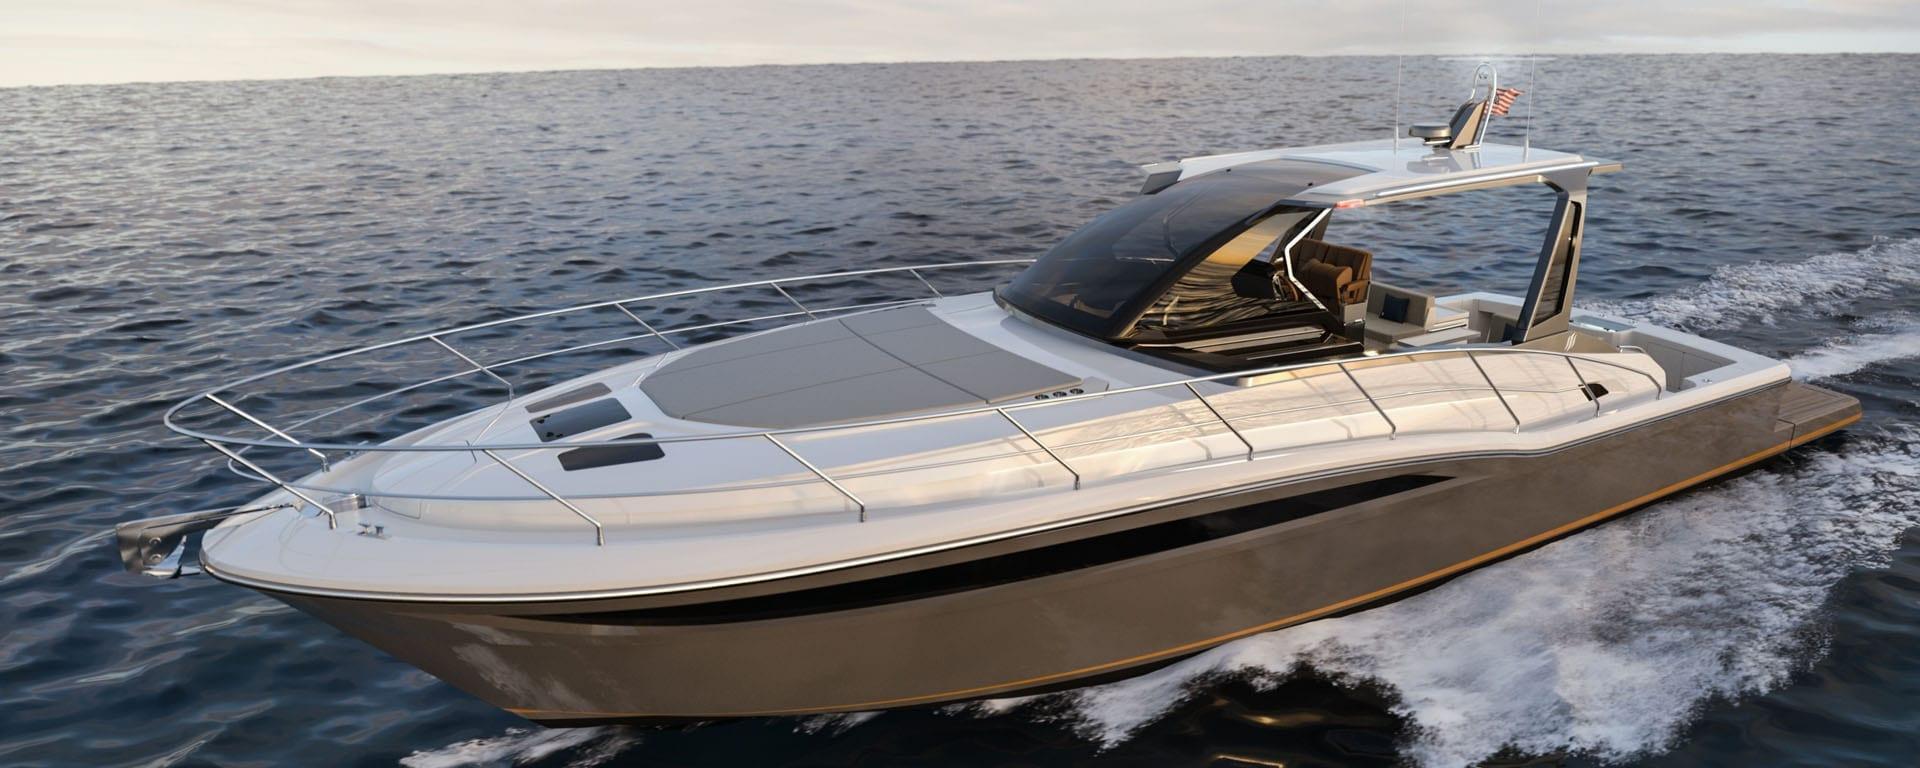 Uniesse marine yachts Exuma S5